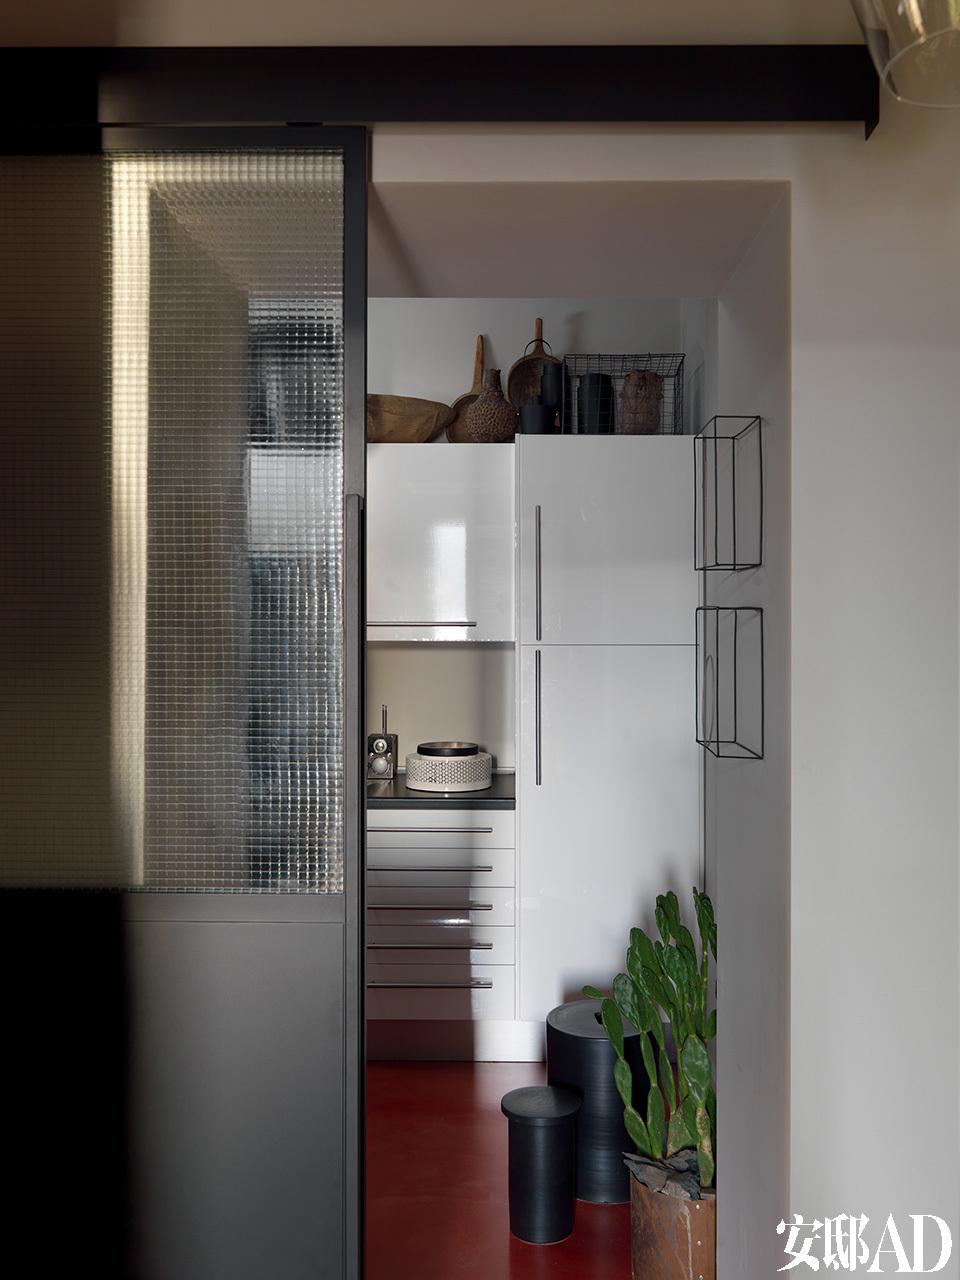 工业风格的滑动门可以通往家中的厨房,厨房的架子上陈列着一系列民族和现代风格的物件,为原本稍显平淡的厨房增添了质感和氛围。厨房墙壁上的金属丝雕塑是由Antonino Sciortino创作的。